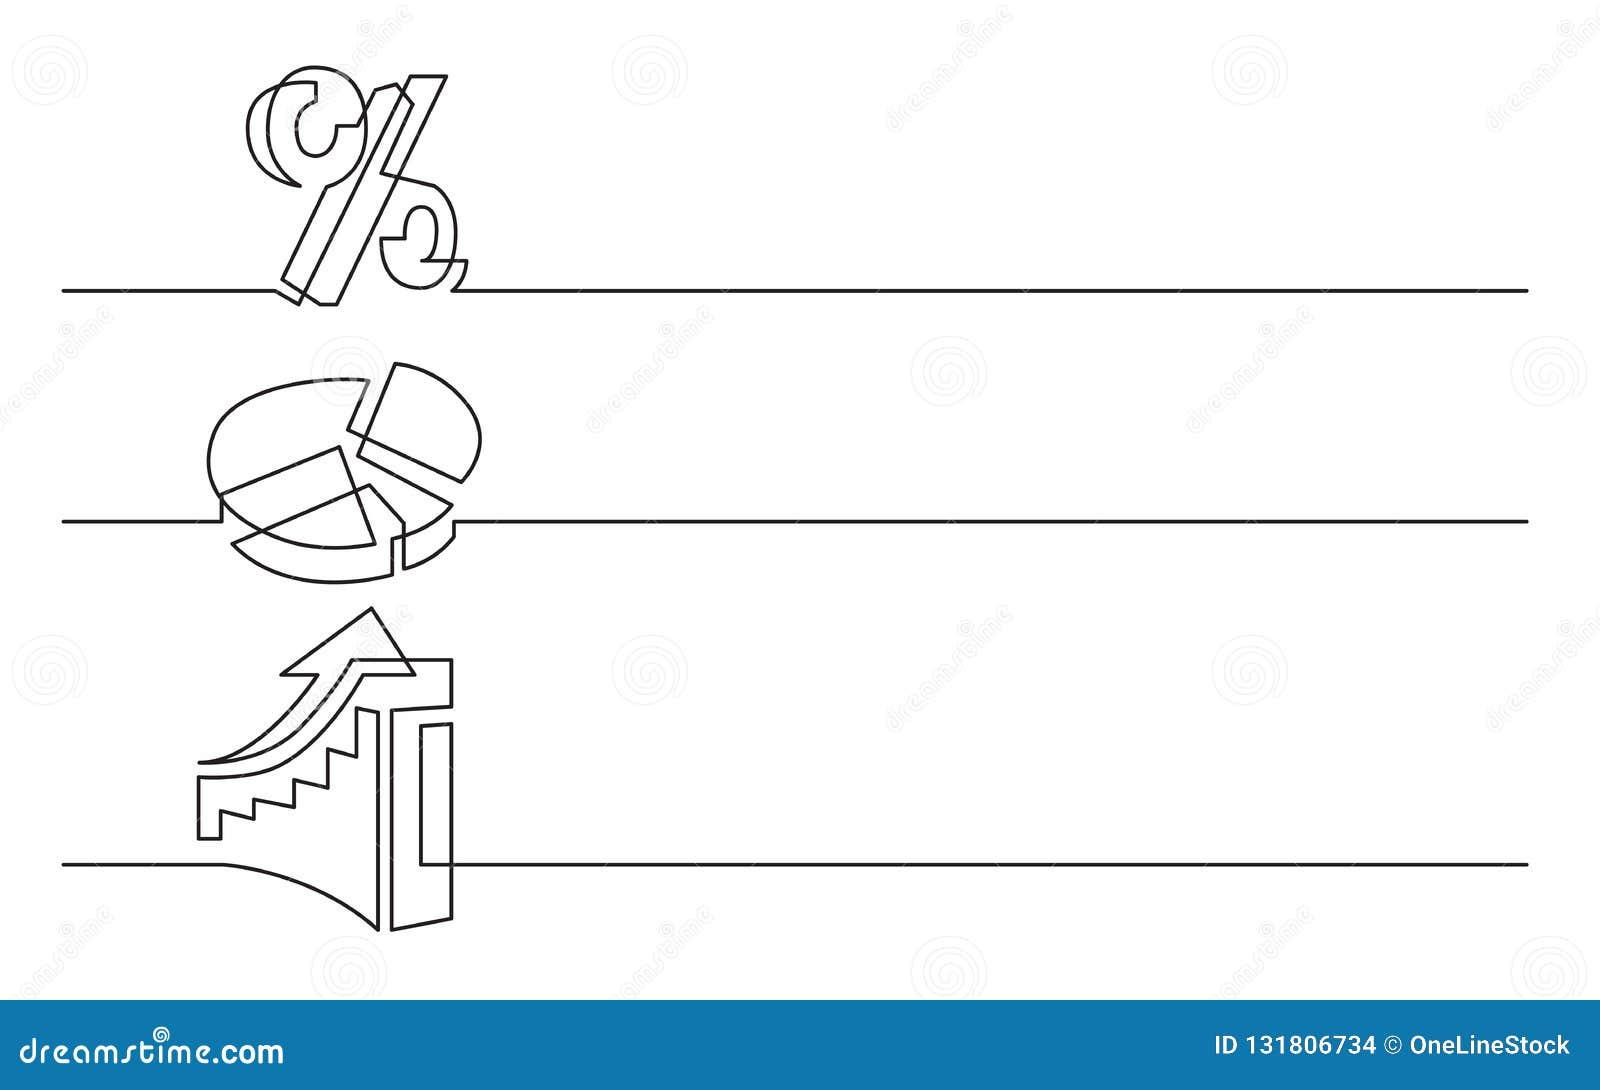 Sztandaru projekt - ciągły kreskowy rysunek biznesowe ikony: procentu znak, pasztetowa mapa, powstający diagram